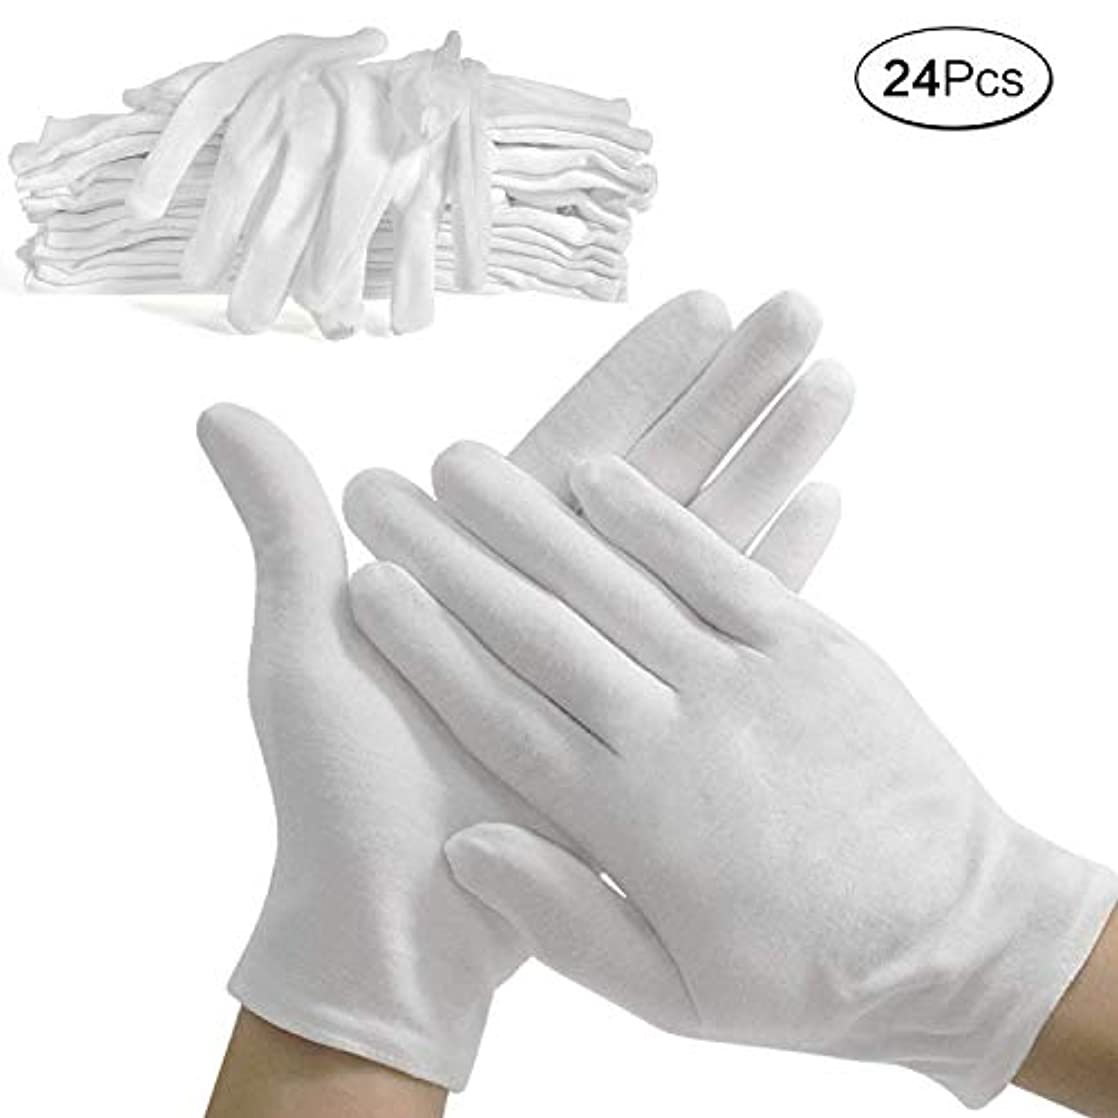 たくさん極小大型トラック使い捨て手袋 綿手袋 コットン手袋 純綿100% 薄手 白手袋 メンズ レディース 手荒れ防止 おやすみ 湿疹用 乾燥肌用 保湿用 礼装用 作業用 24PCS(白, L)